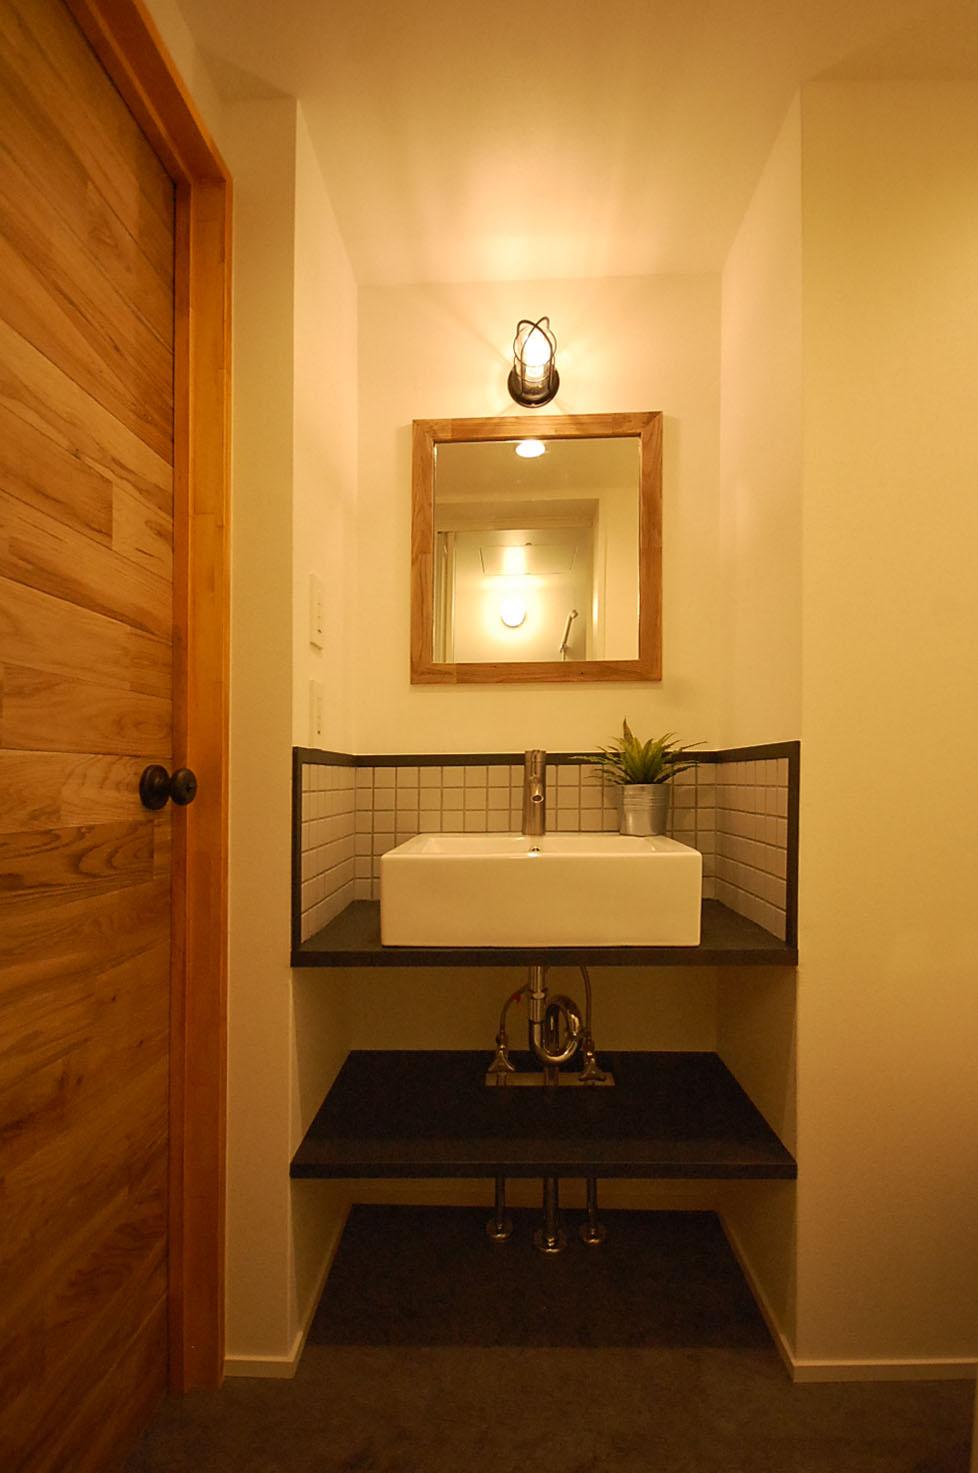 シンプルながら使い勝手の良い洗面台